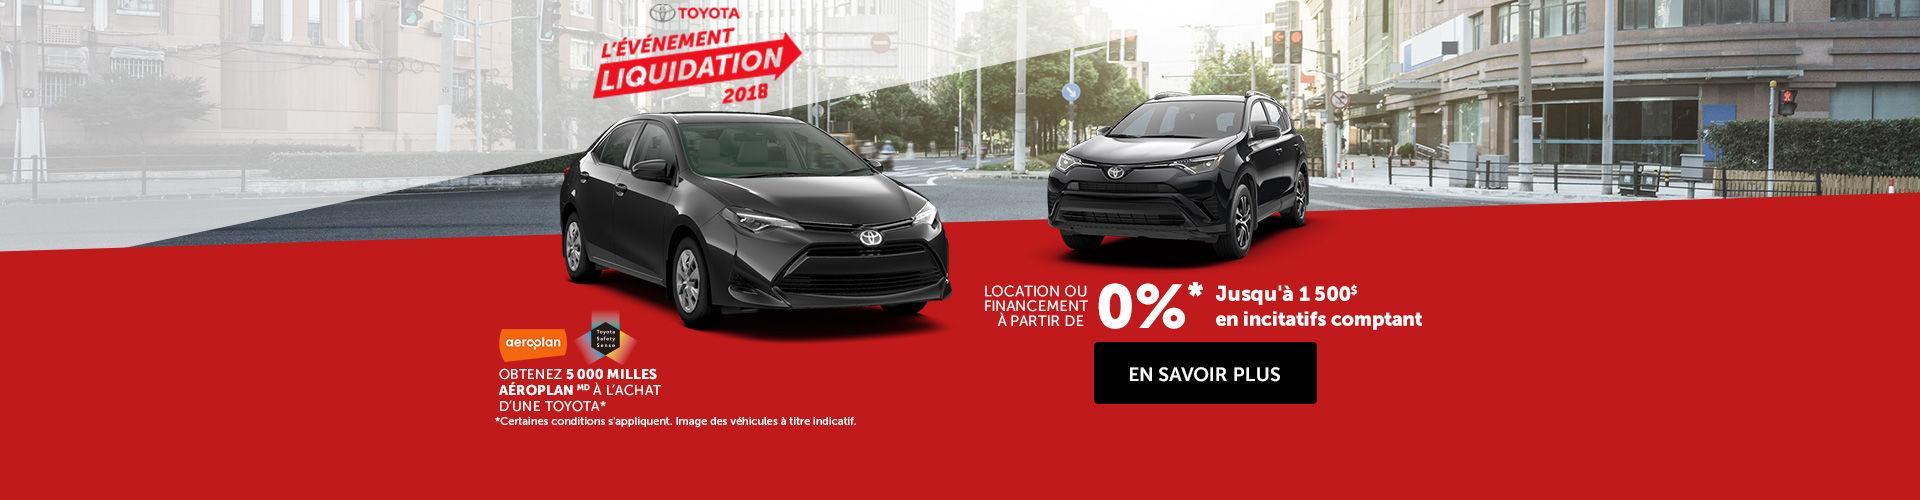 L'événement de Toyota!